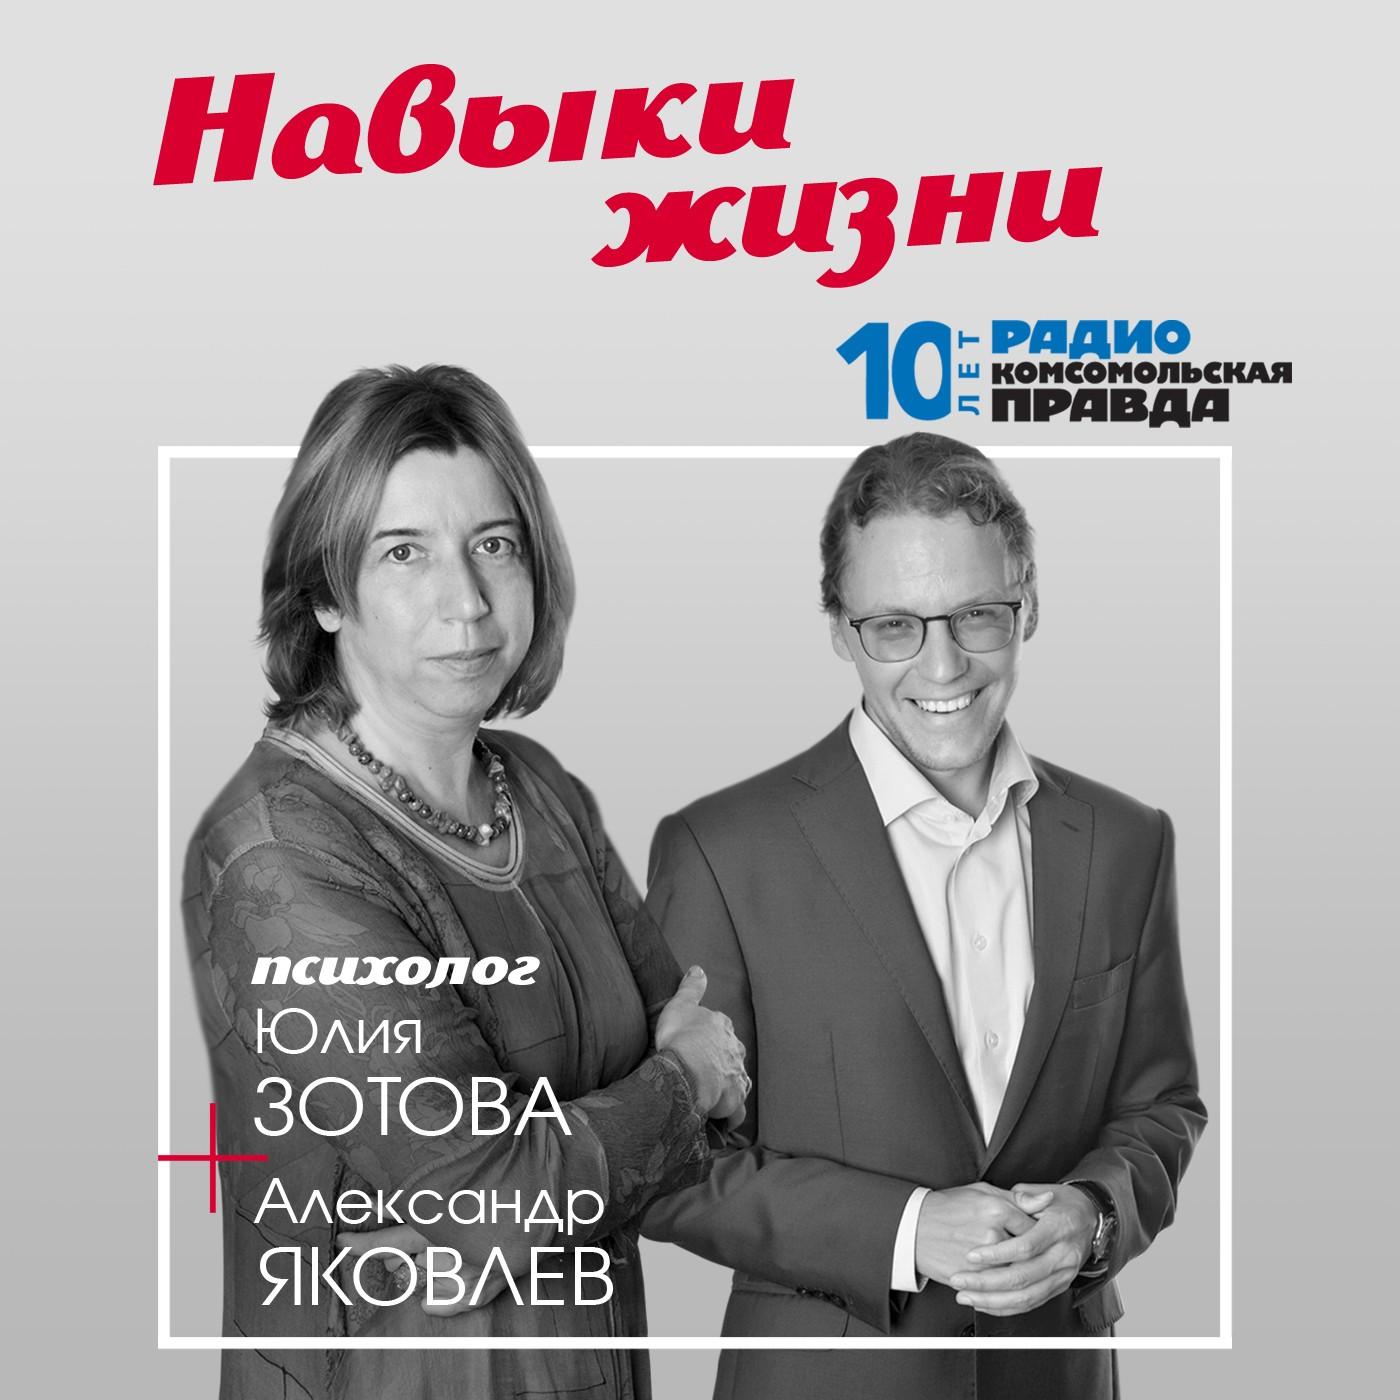 цена на Радио «Комсомольская правда» Кризис среднего возраста